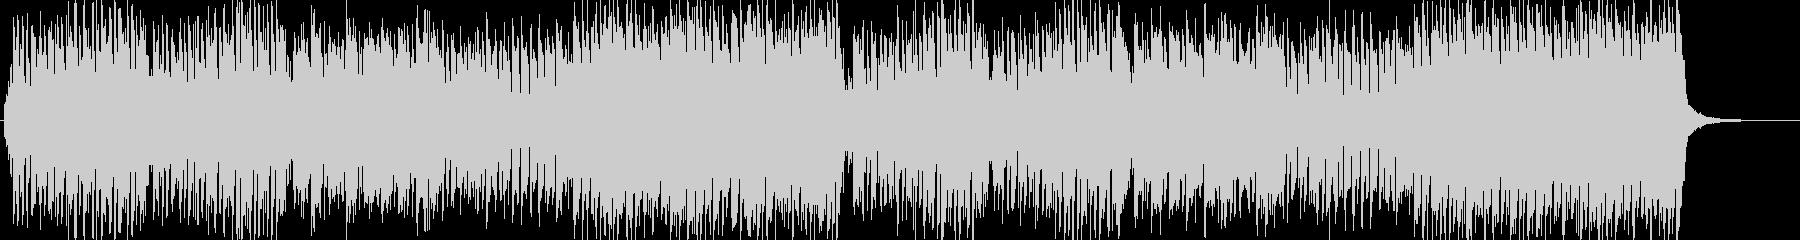 トルコ行進曲のポップアレンジ曲の未再生の波形